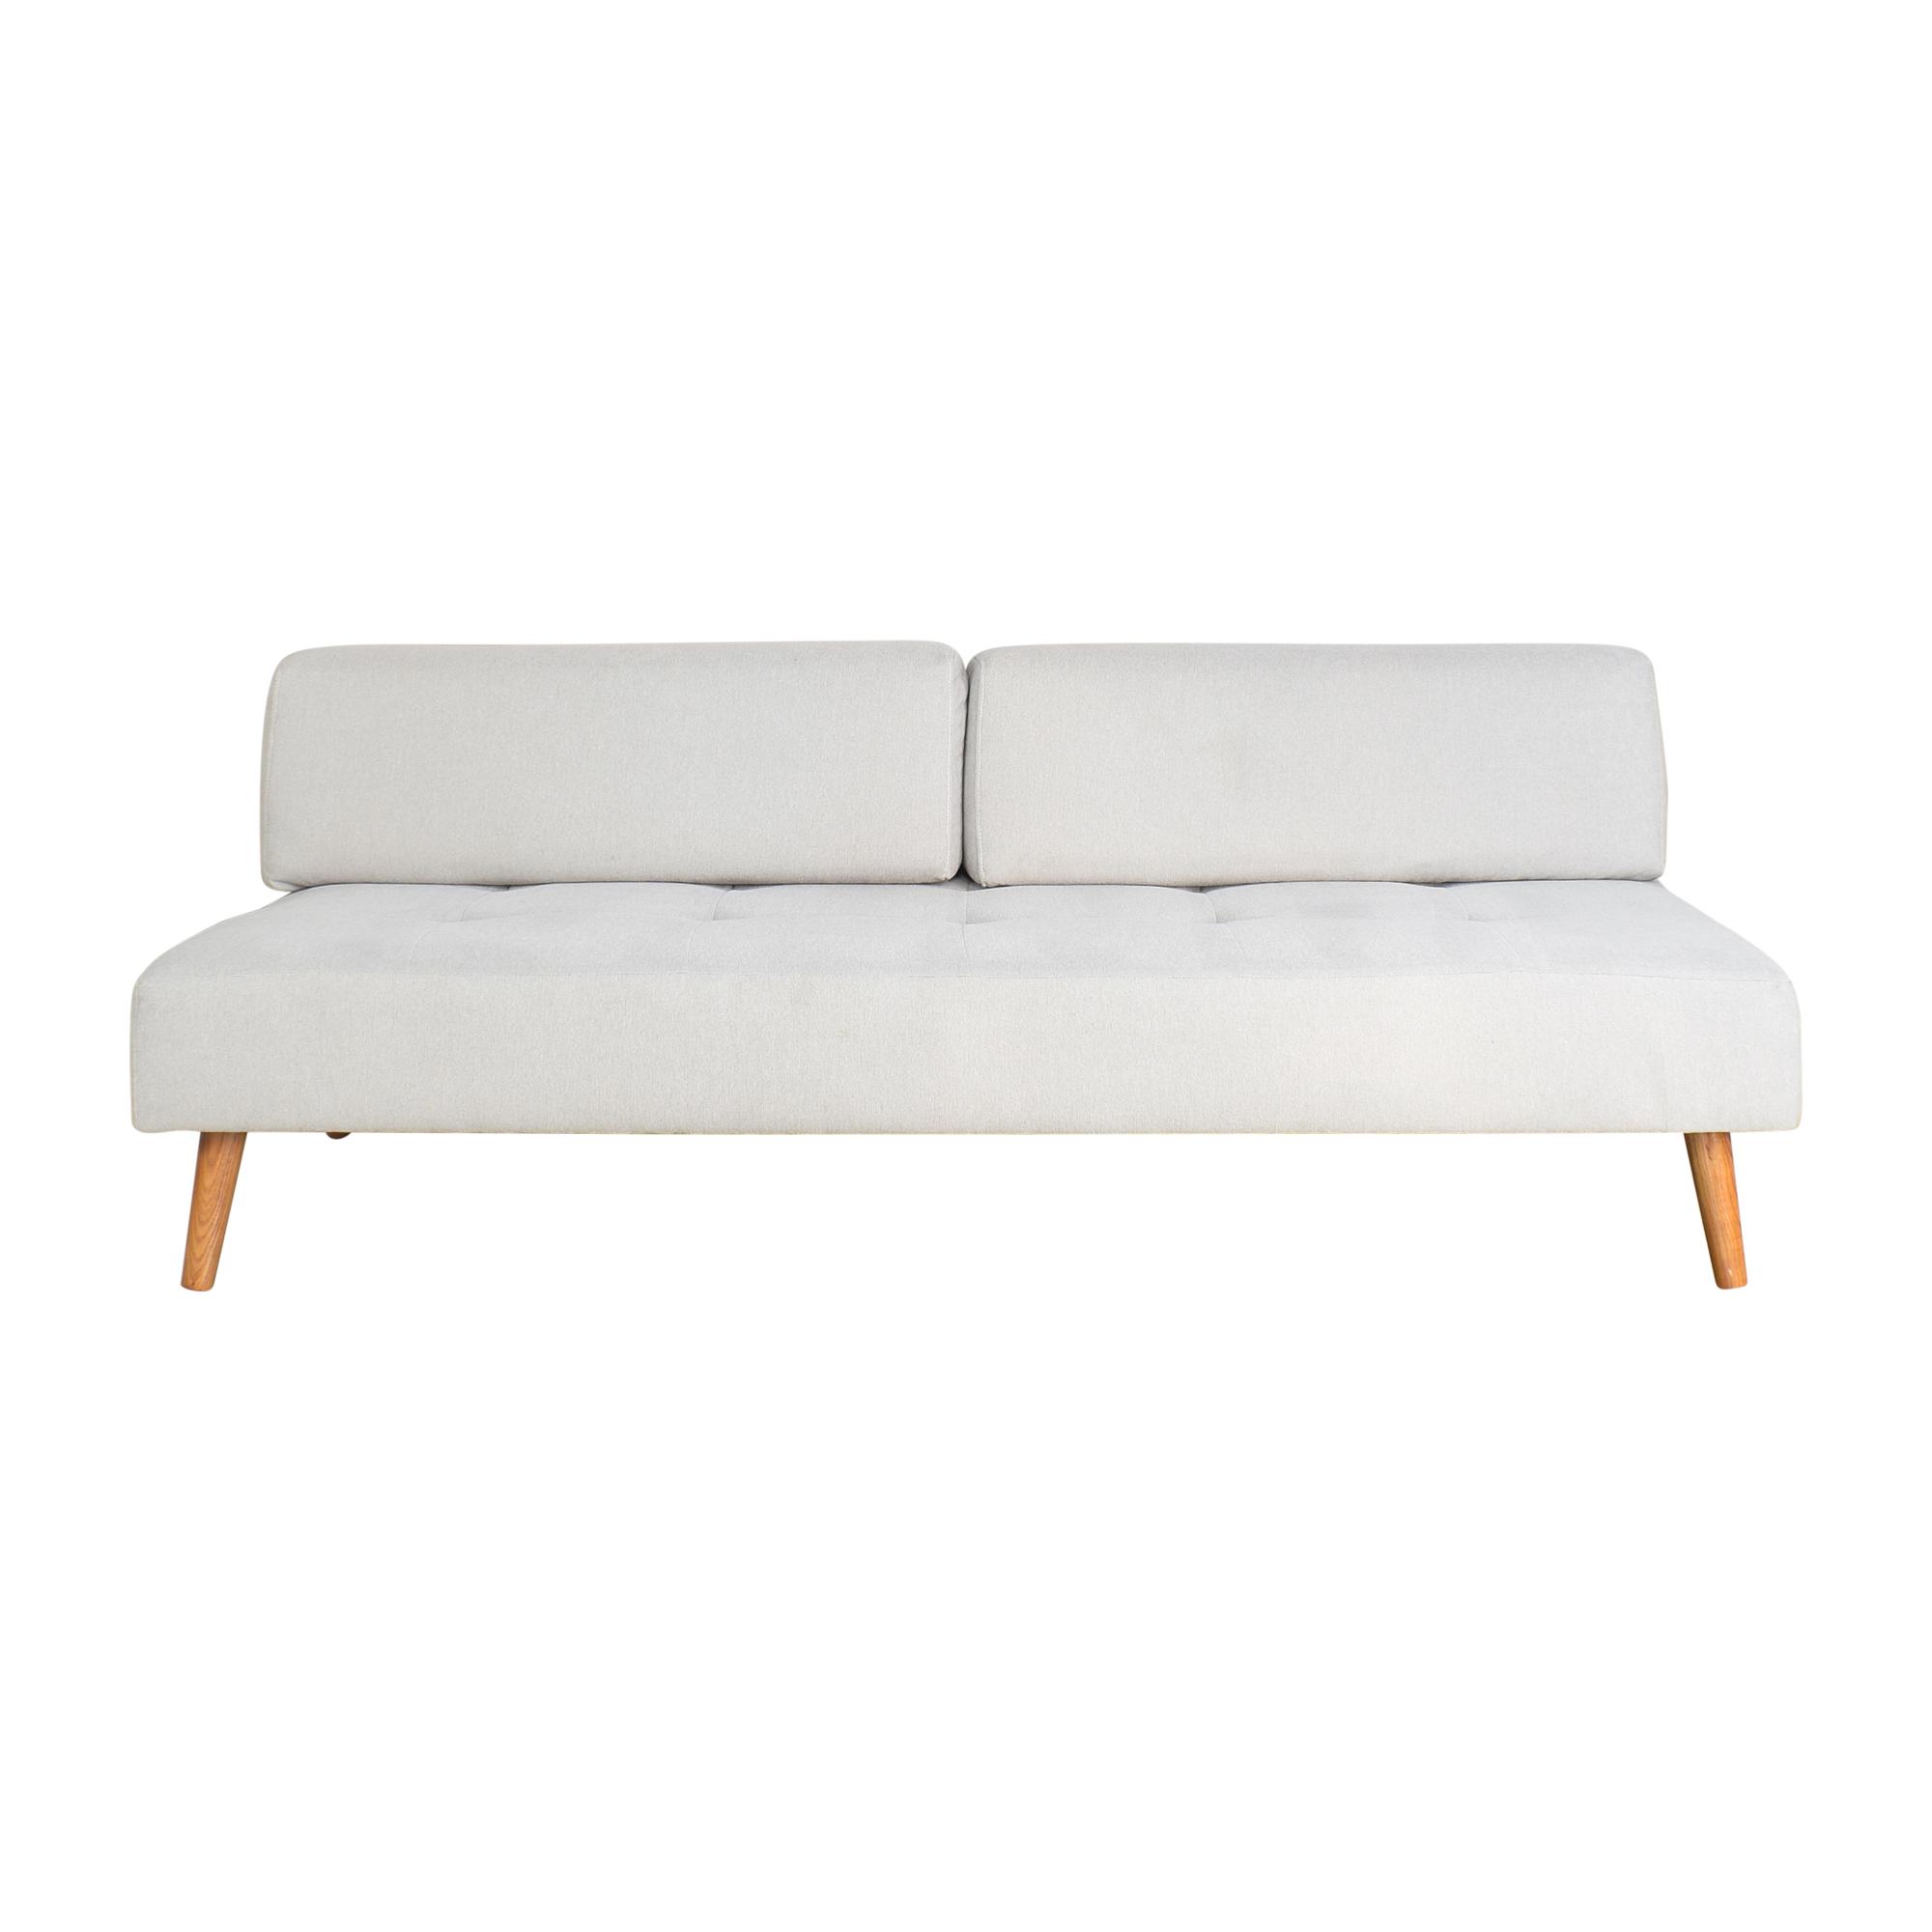 West Elm Retro Tillary Sofa / Classic Sofas